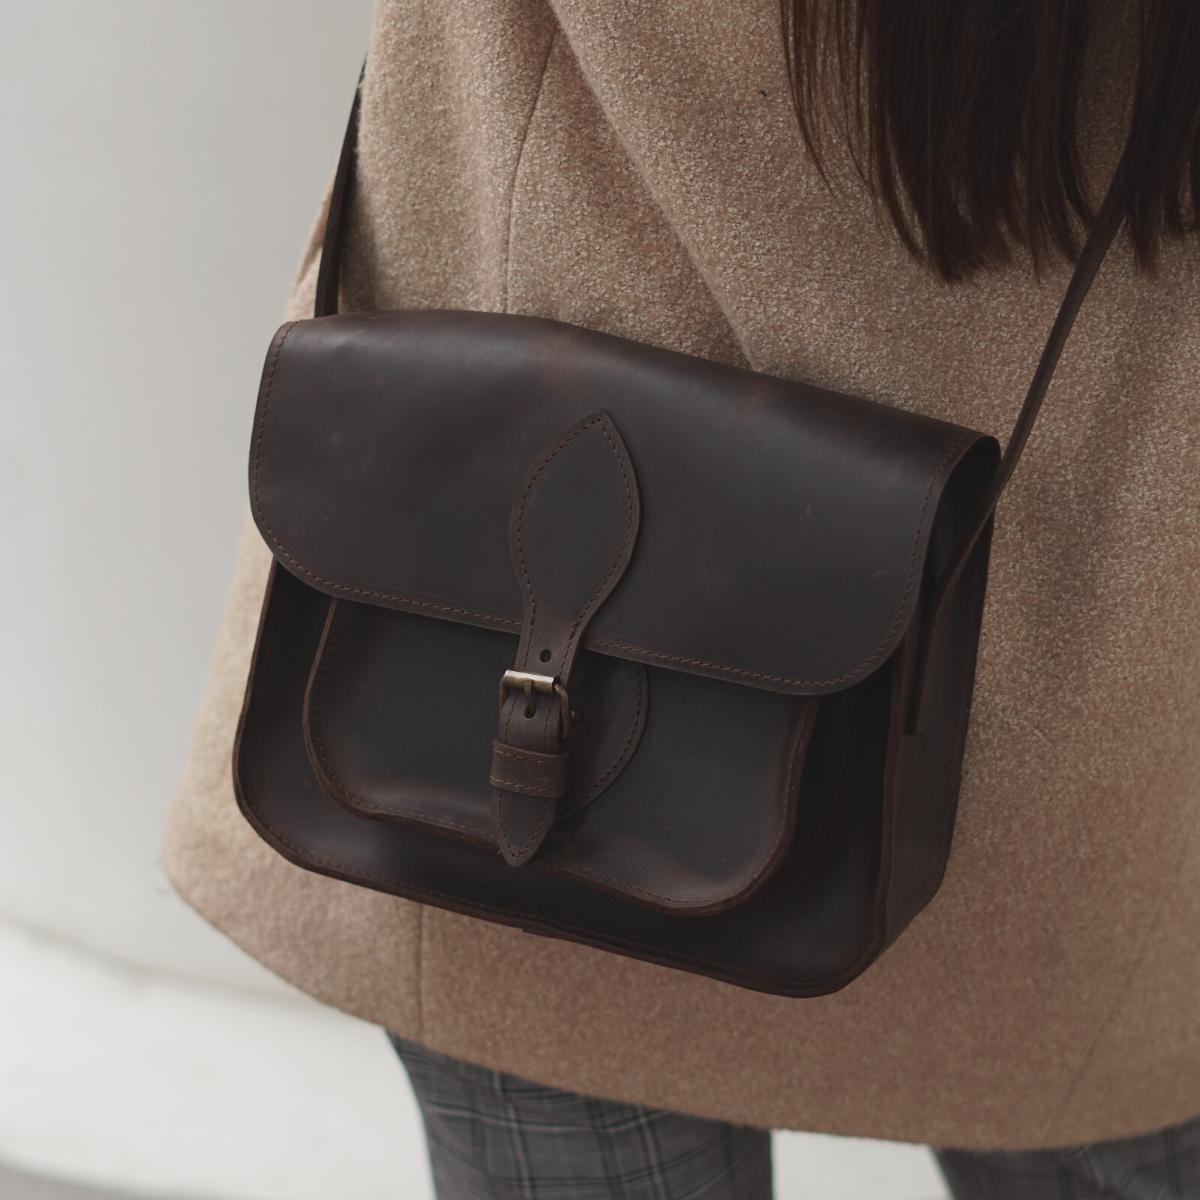 Жіноча шкіряна сумка коричневого кольору. Жіноча сумка ручної роботи.Жіноча шкіряна сумка.Жіноча сумка кожана